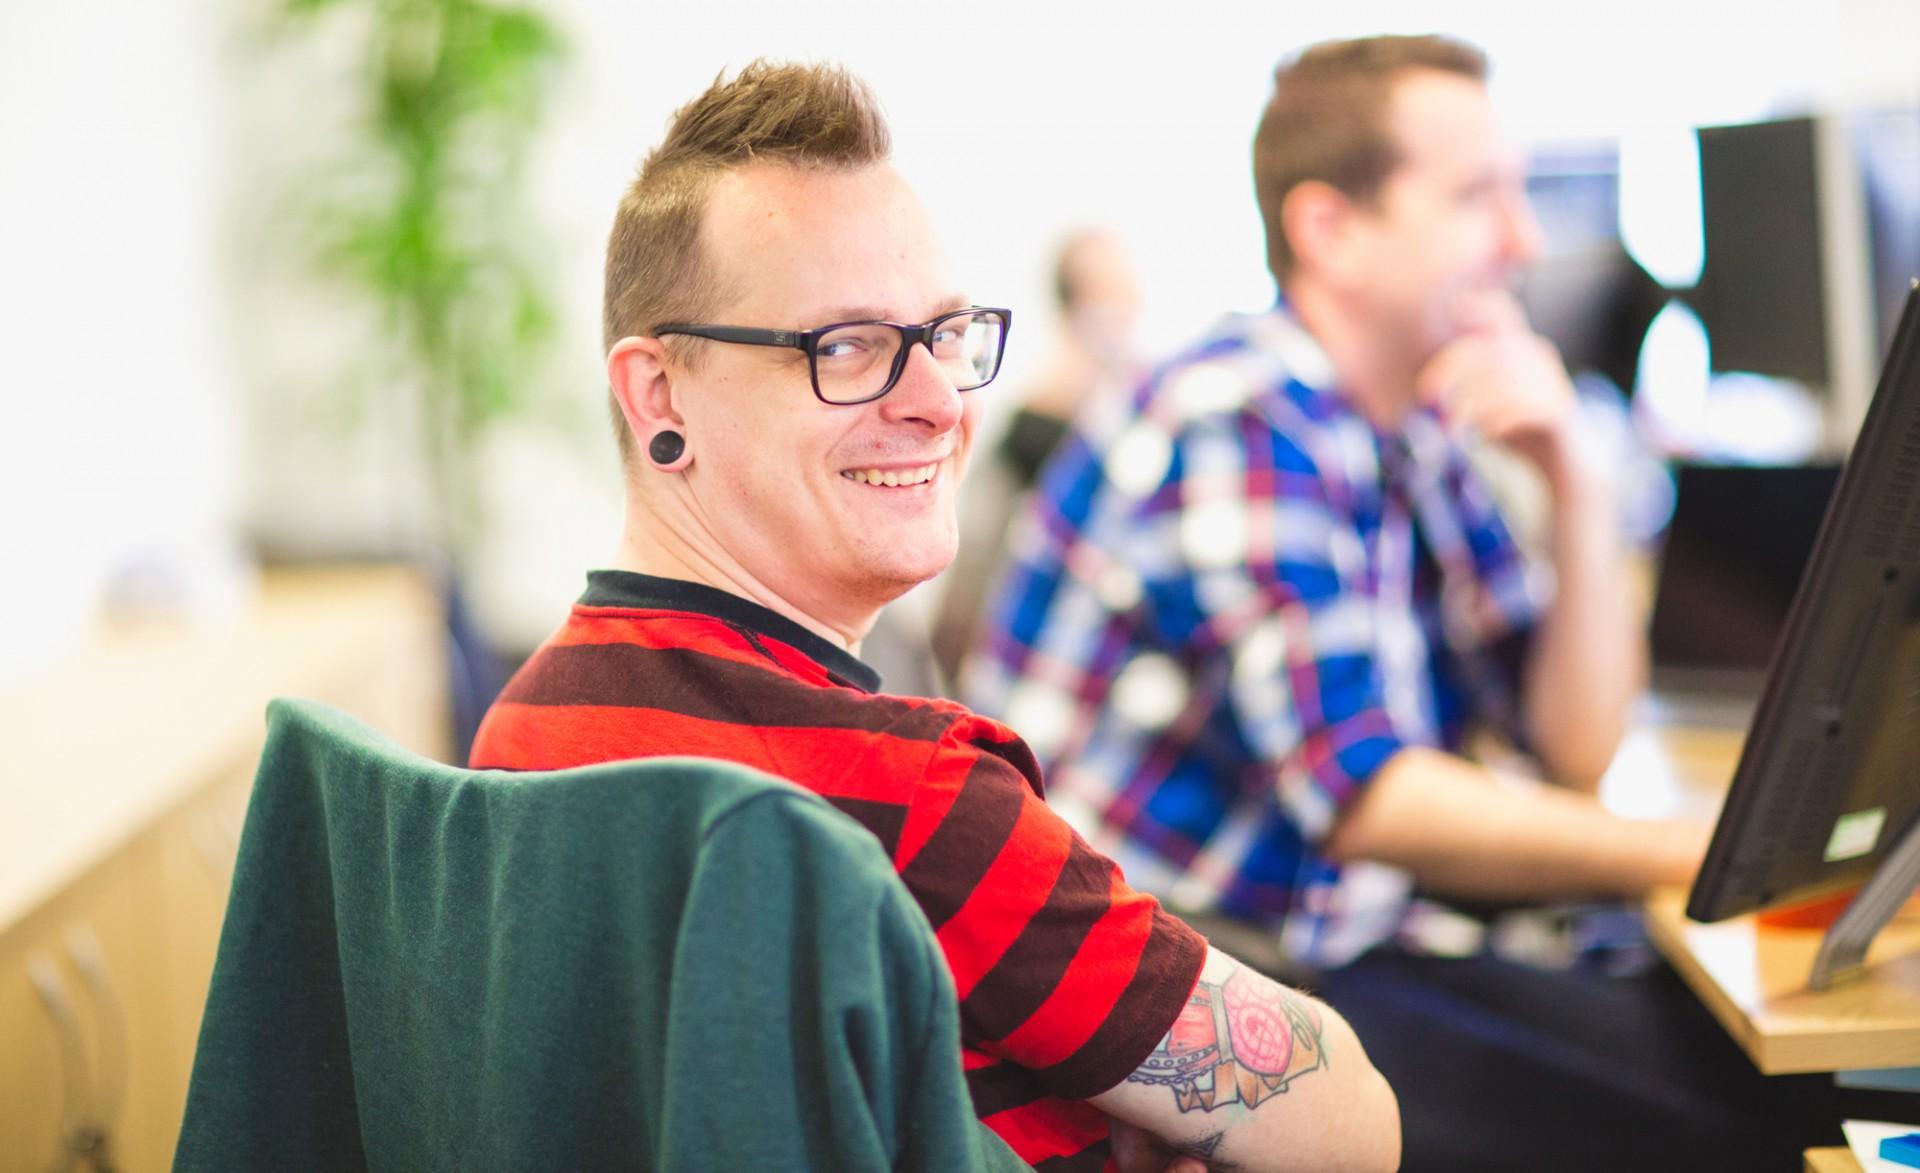 Jacob Jensen - HARDlight UX Designer